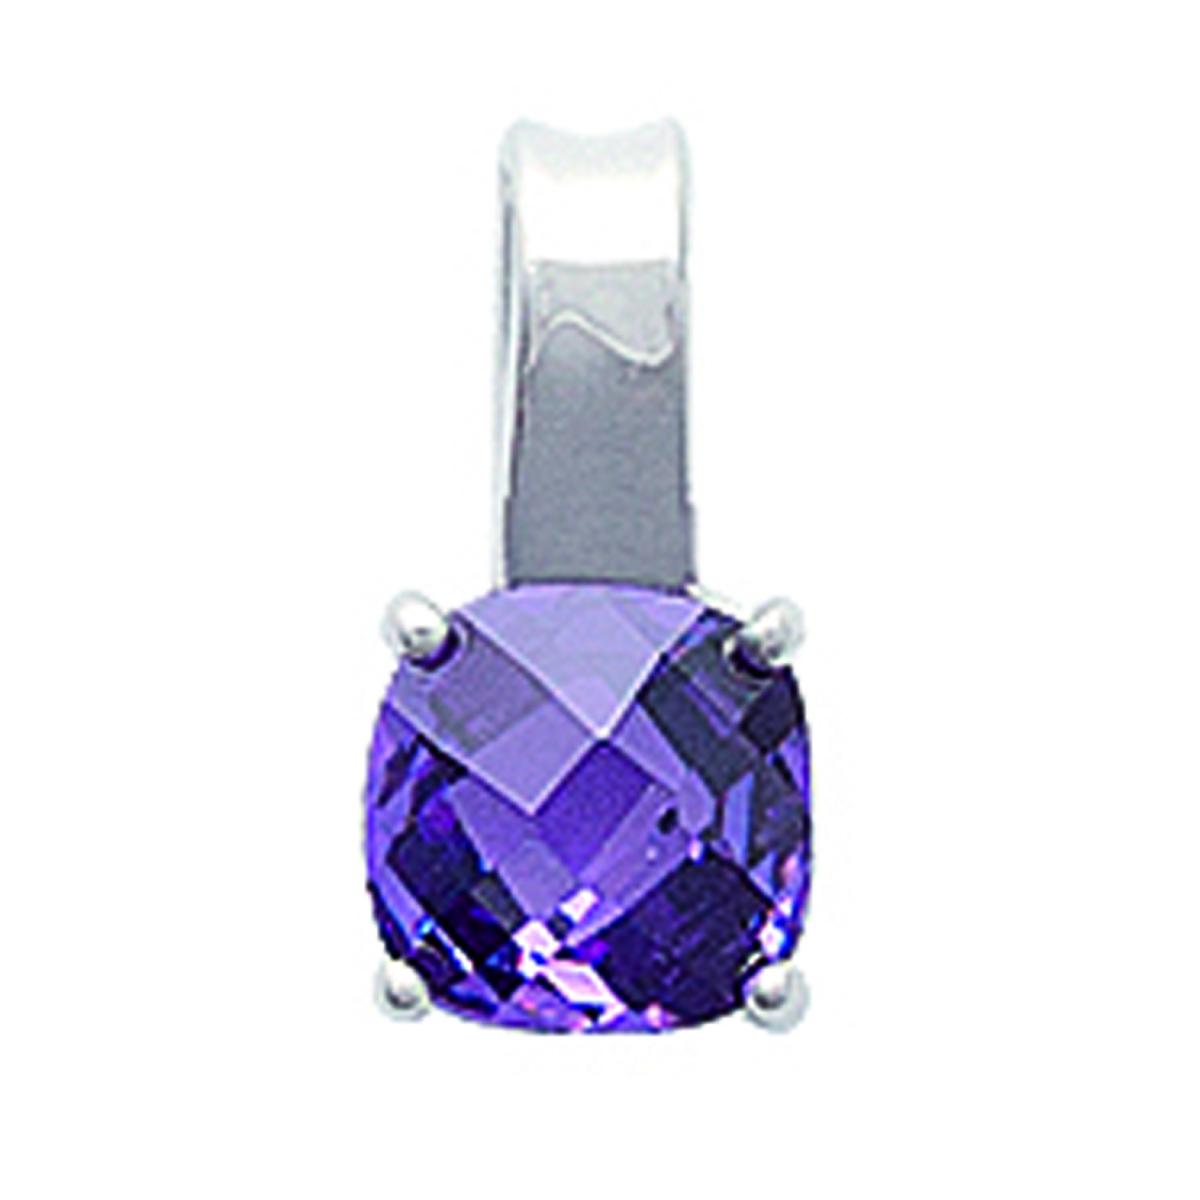 Pendentif Argent \'Linda\' améthyste argenté (rhodié) - 6x6 mm - [J7207]